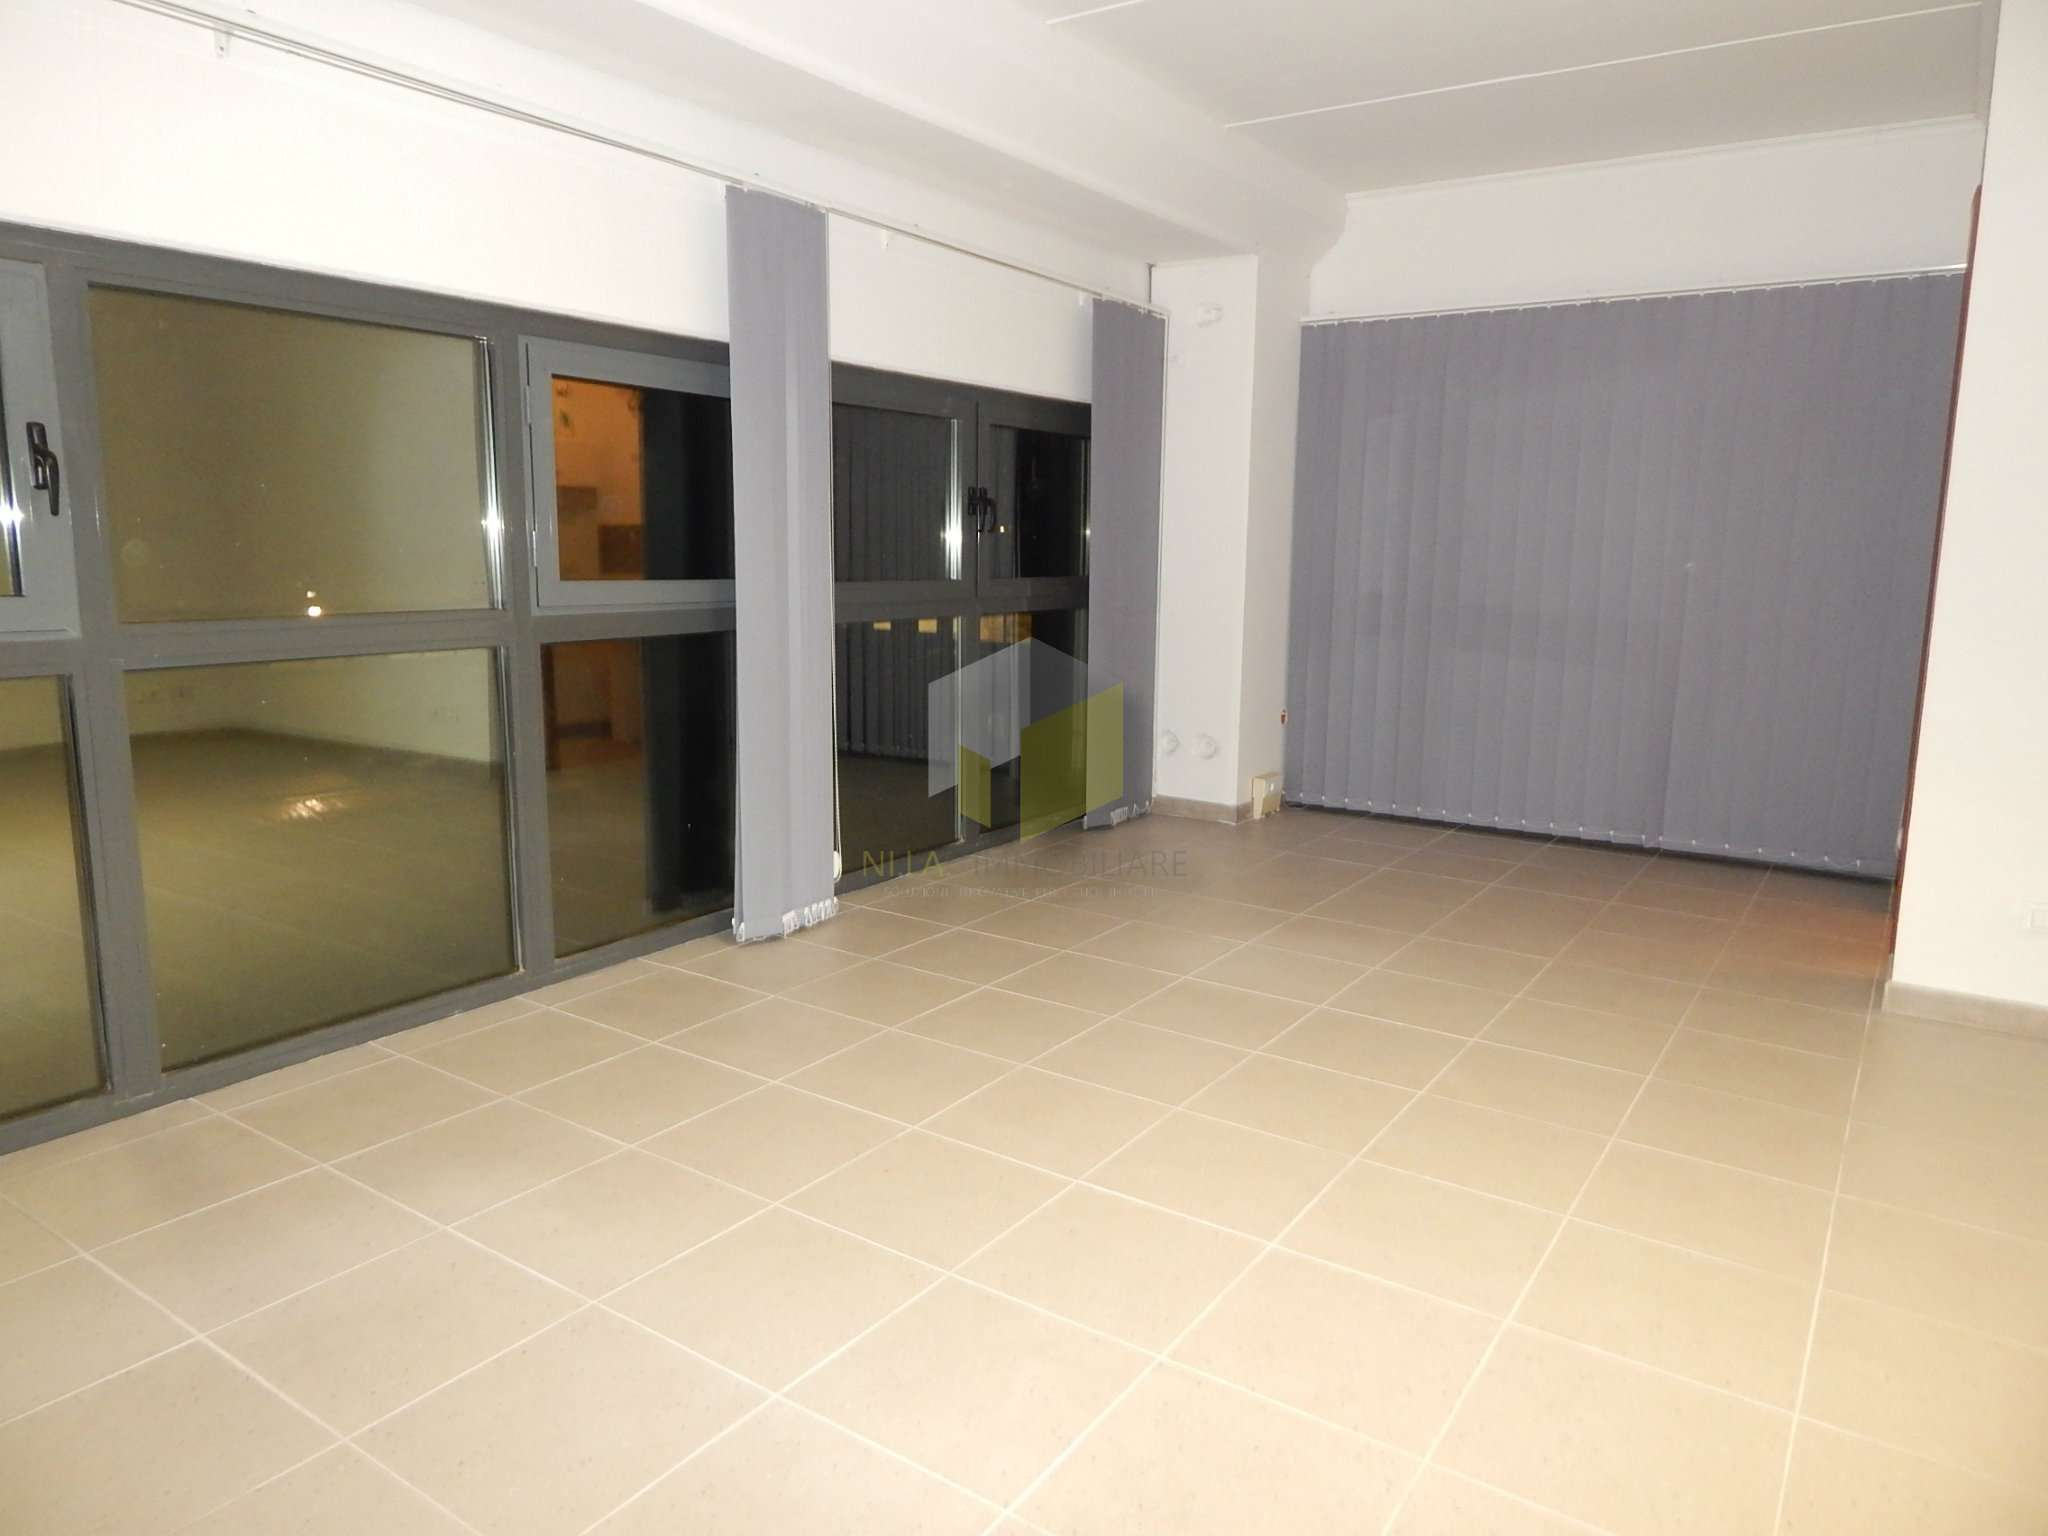 Laboratorio in affitto a Pisa, 1 locali, prezzo € 500 | Cambio Casa.it